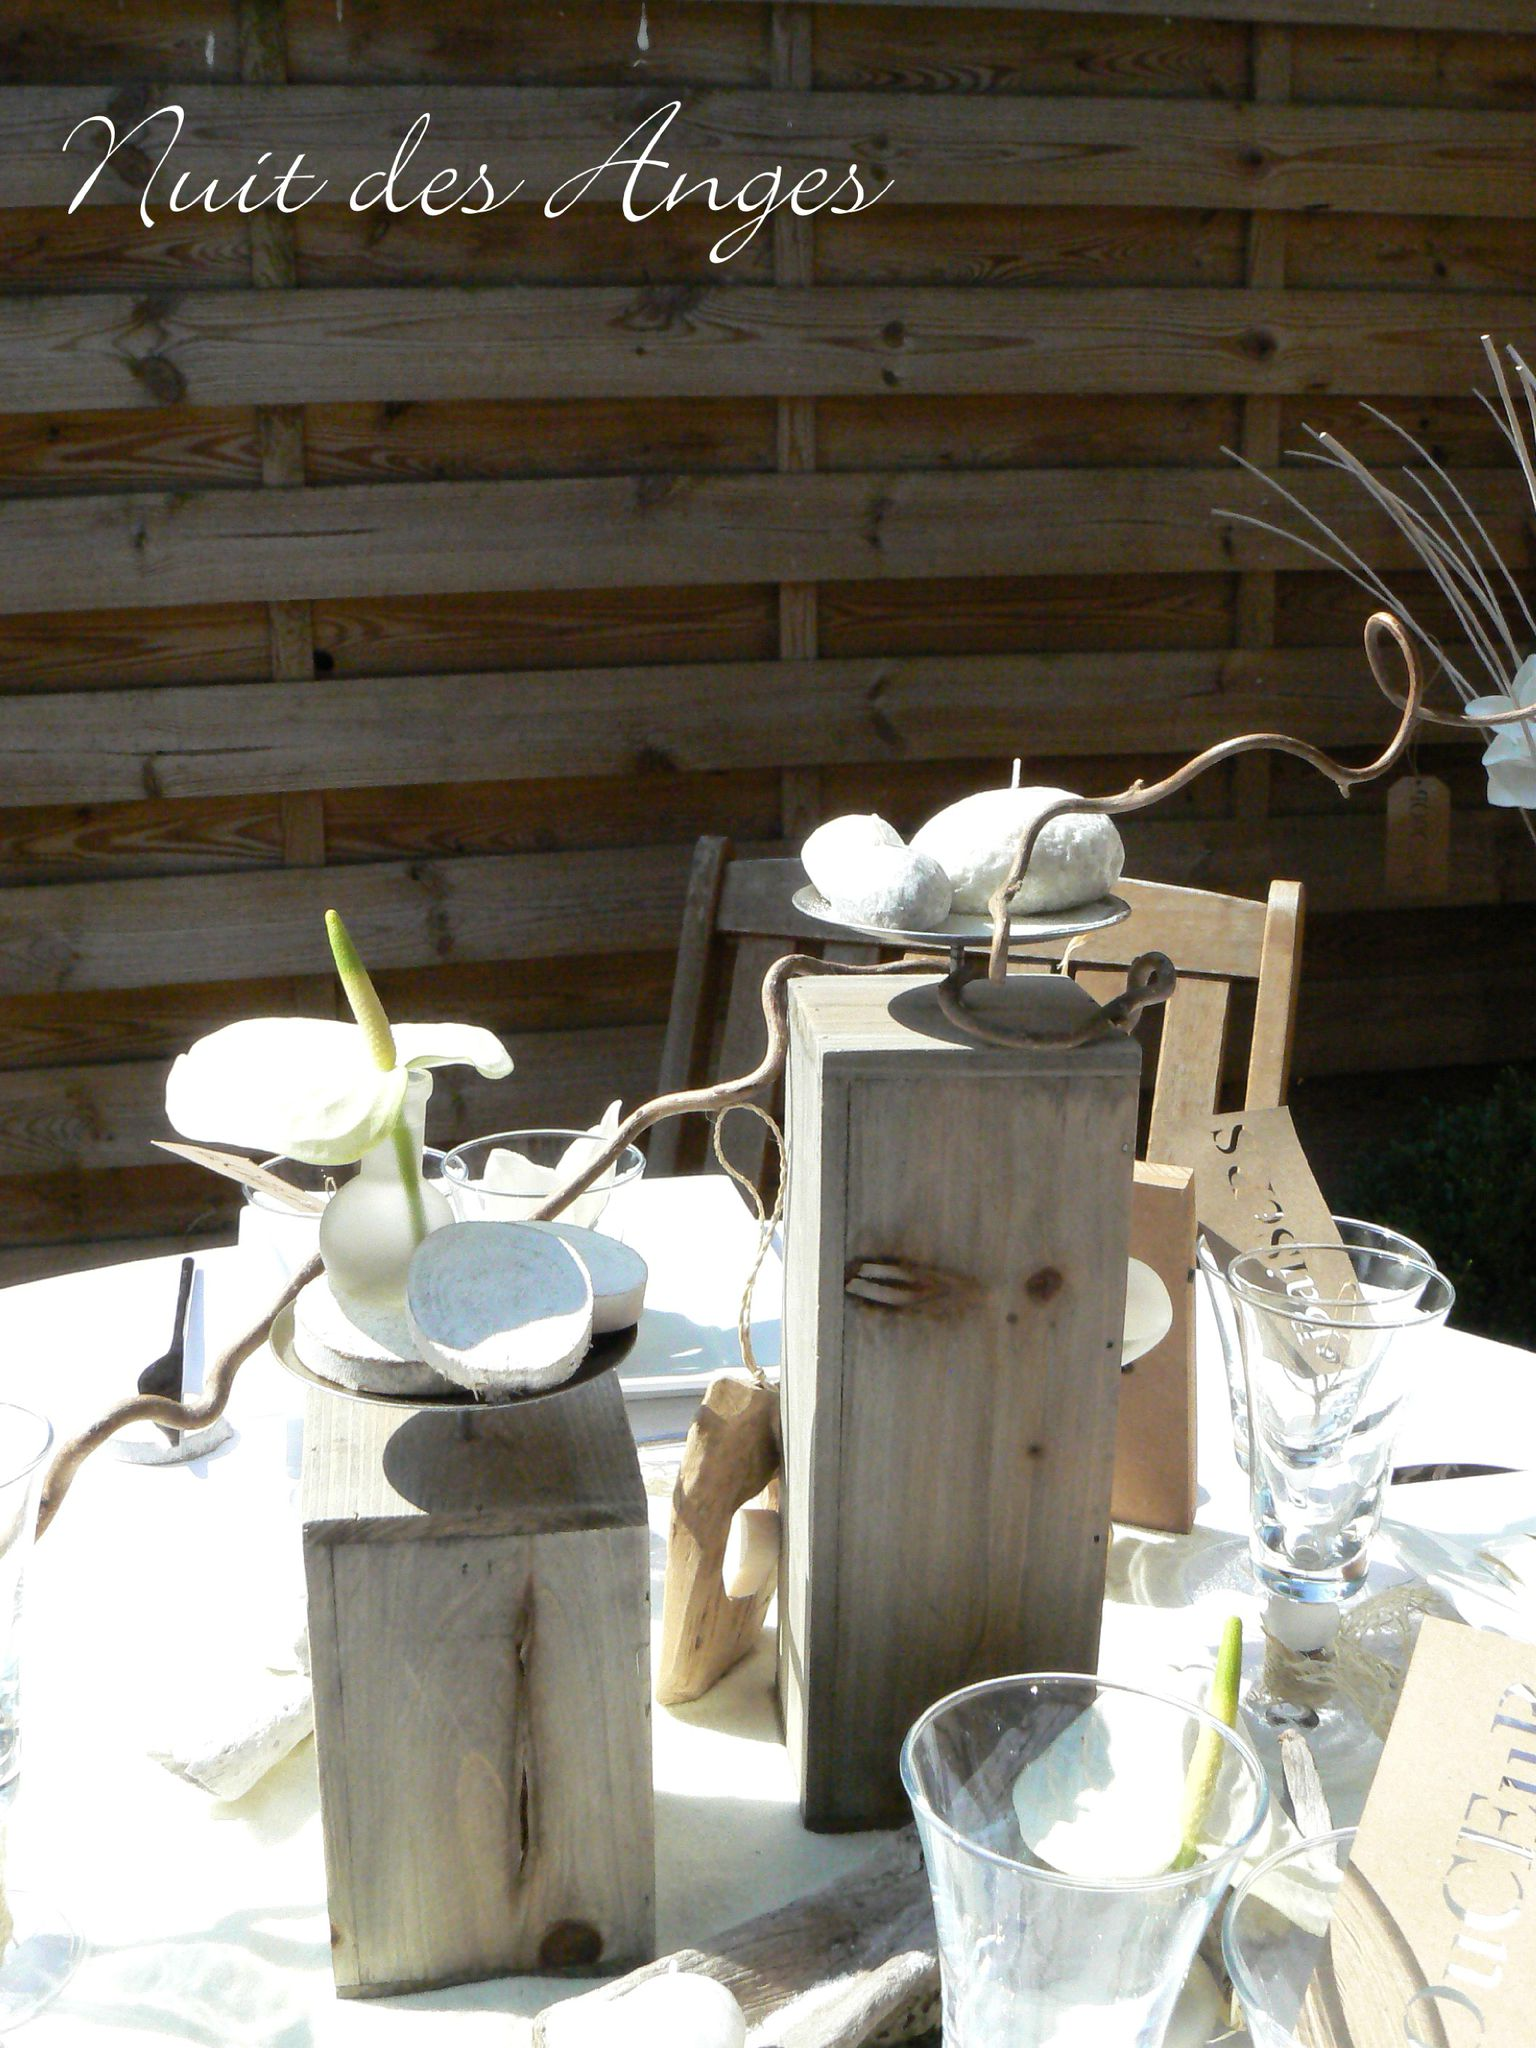 D coration de table bois flott nuit des anges for Idees deco bois flotte ambiance nature